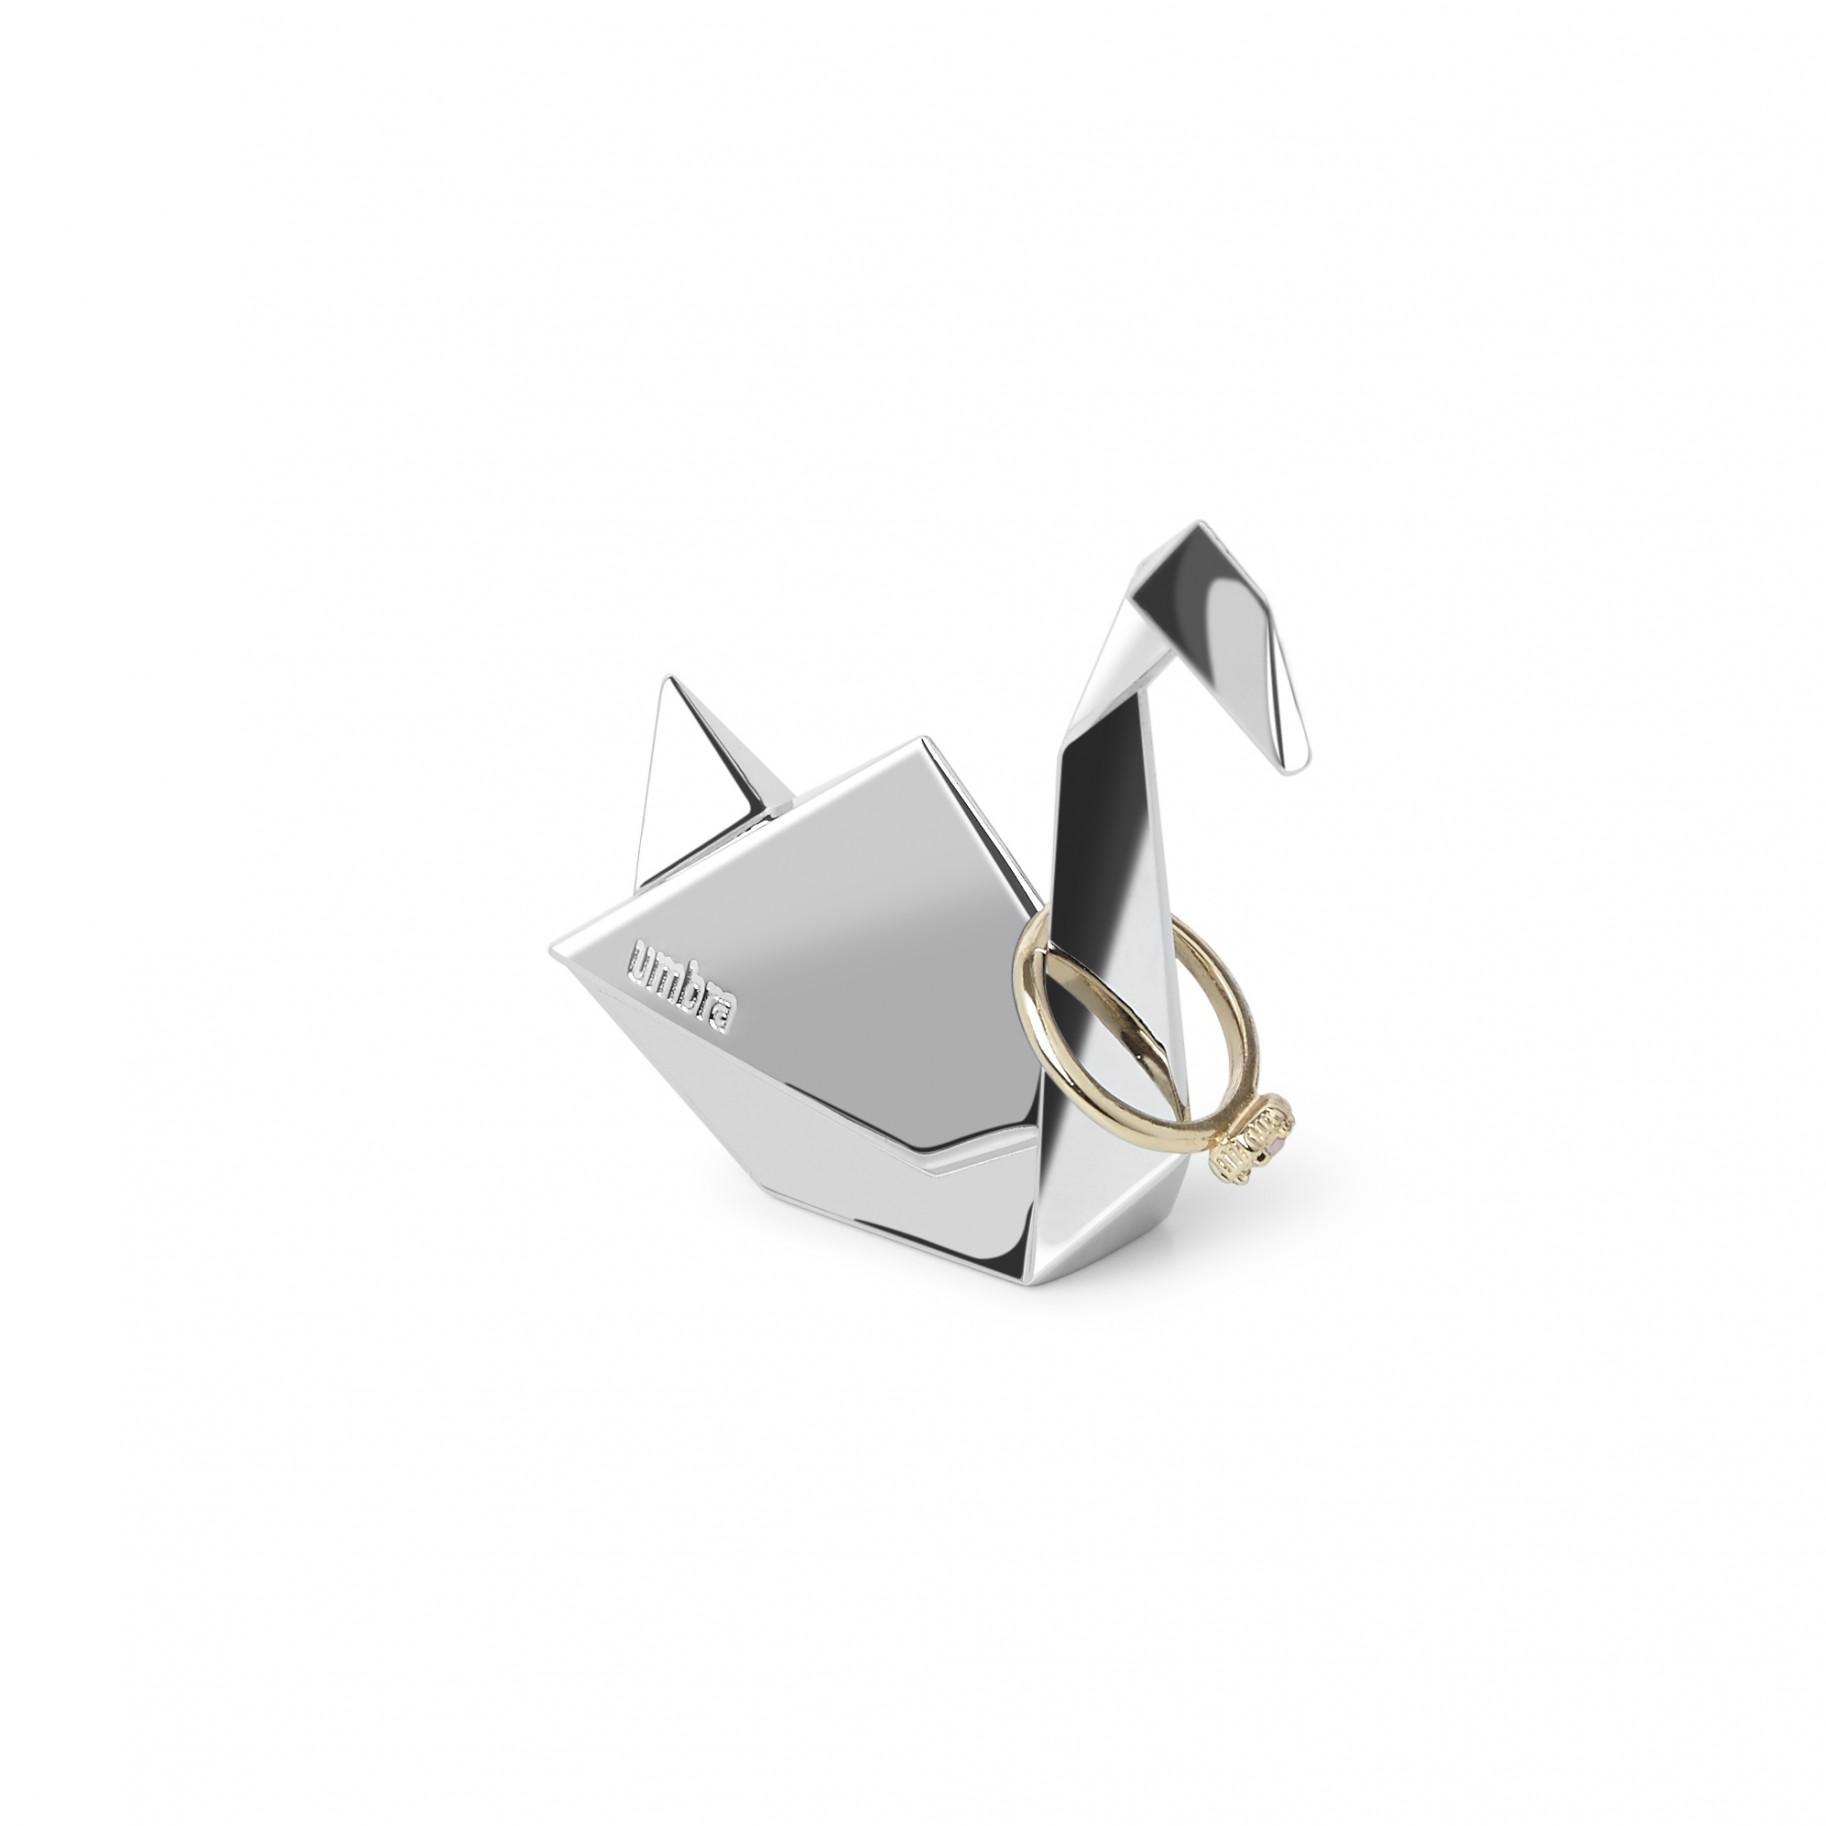 Stojan na prsteny Origami labuť Umbra 27a3fddd76